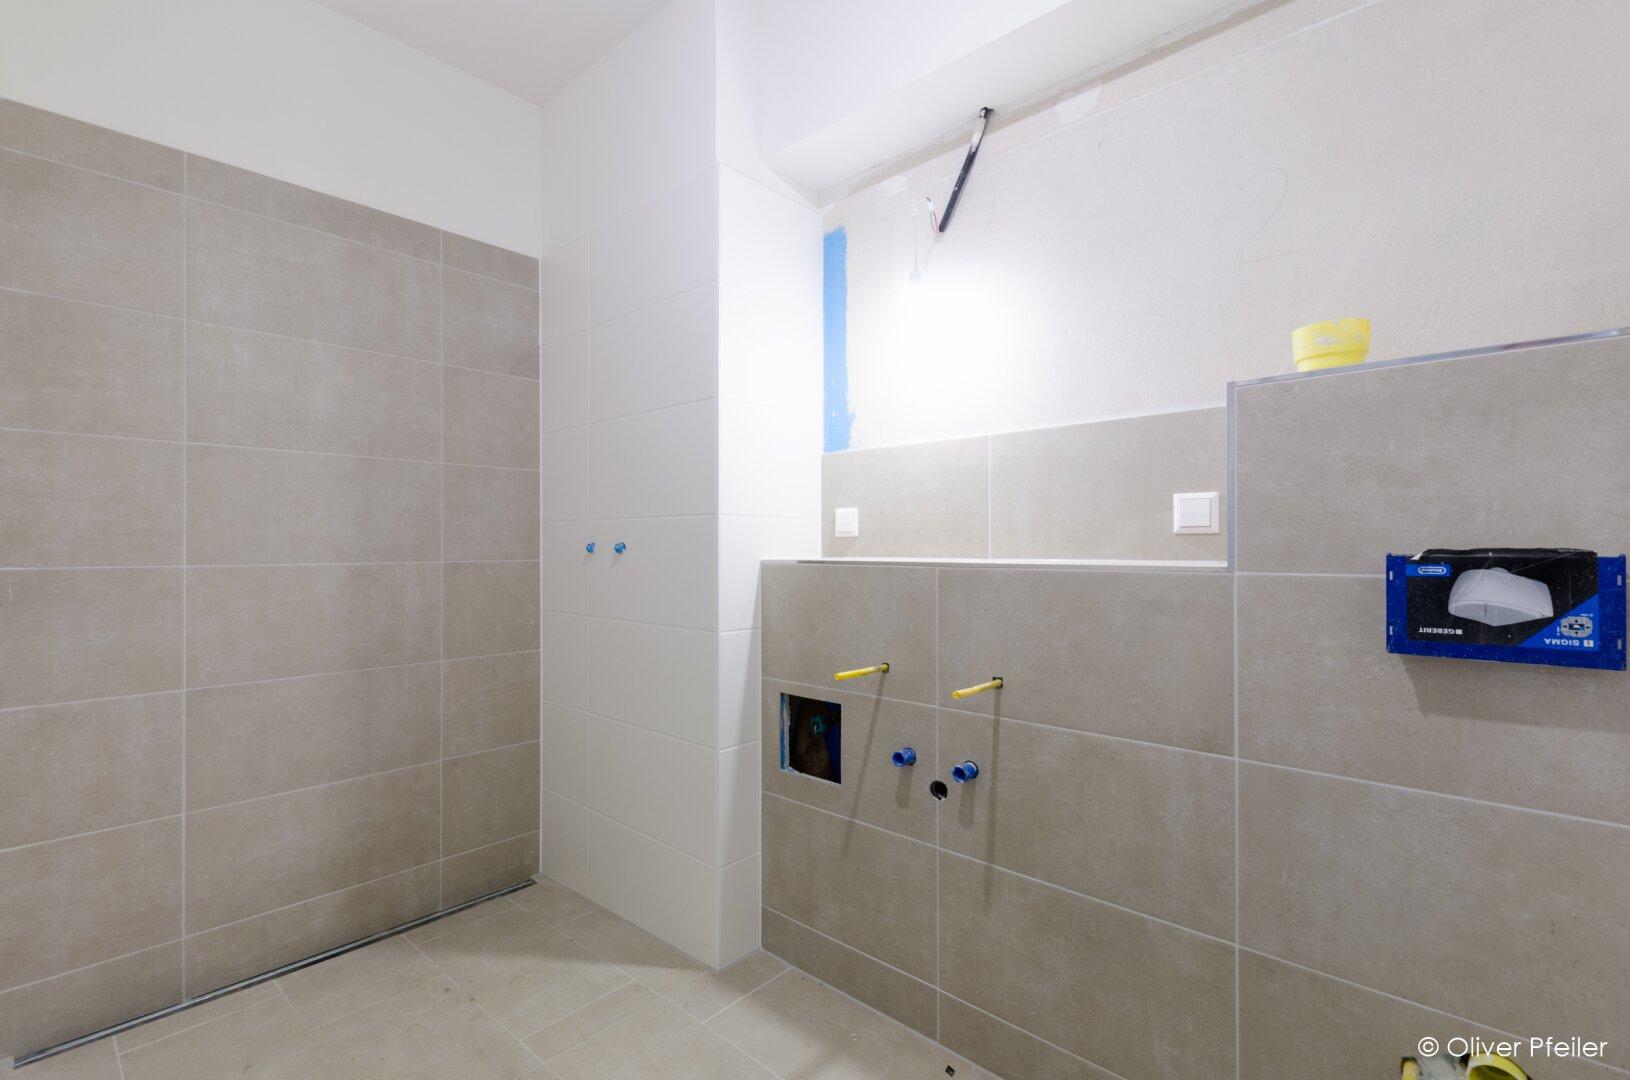 Duschbad Mit WC noch nicht fertiggestellt